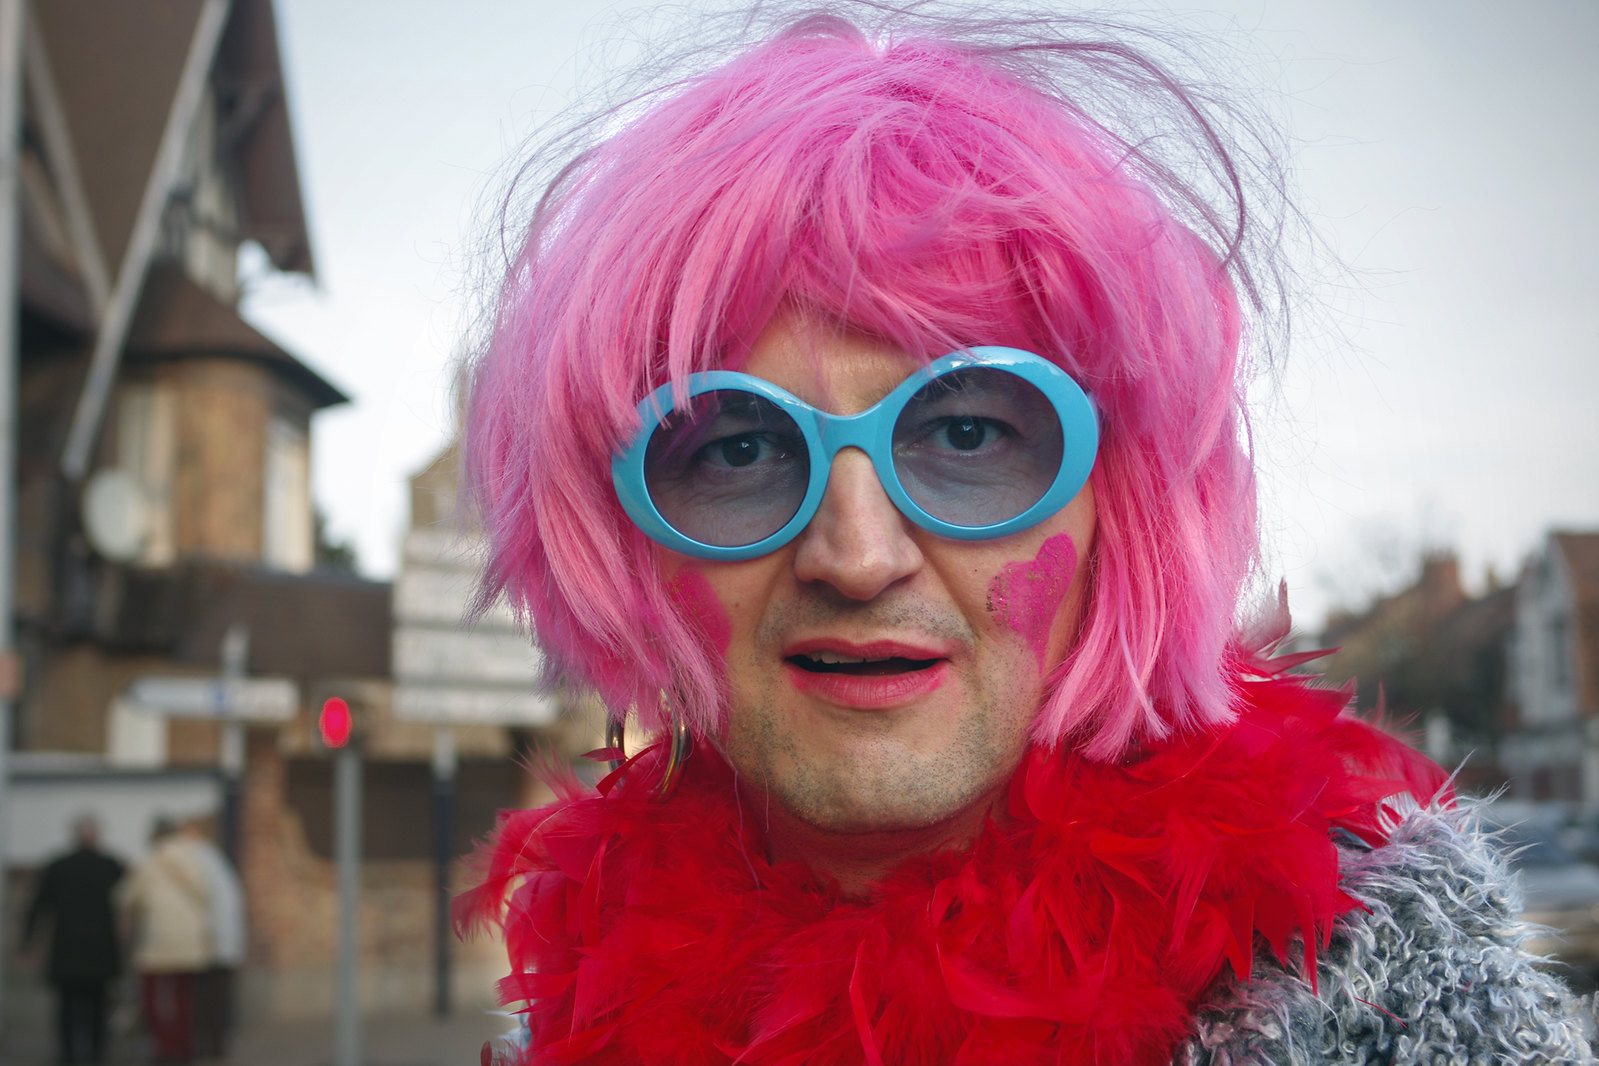 Carnaval de Dunkerque - La perruque